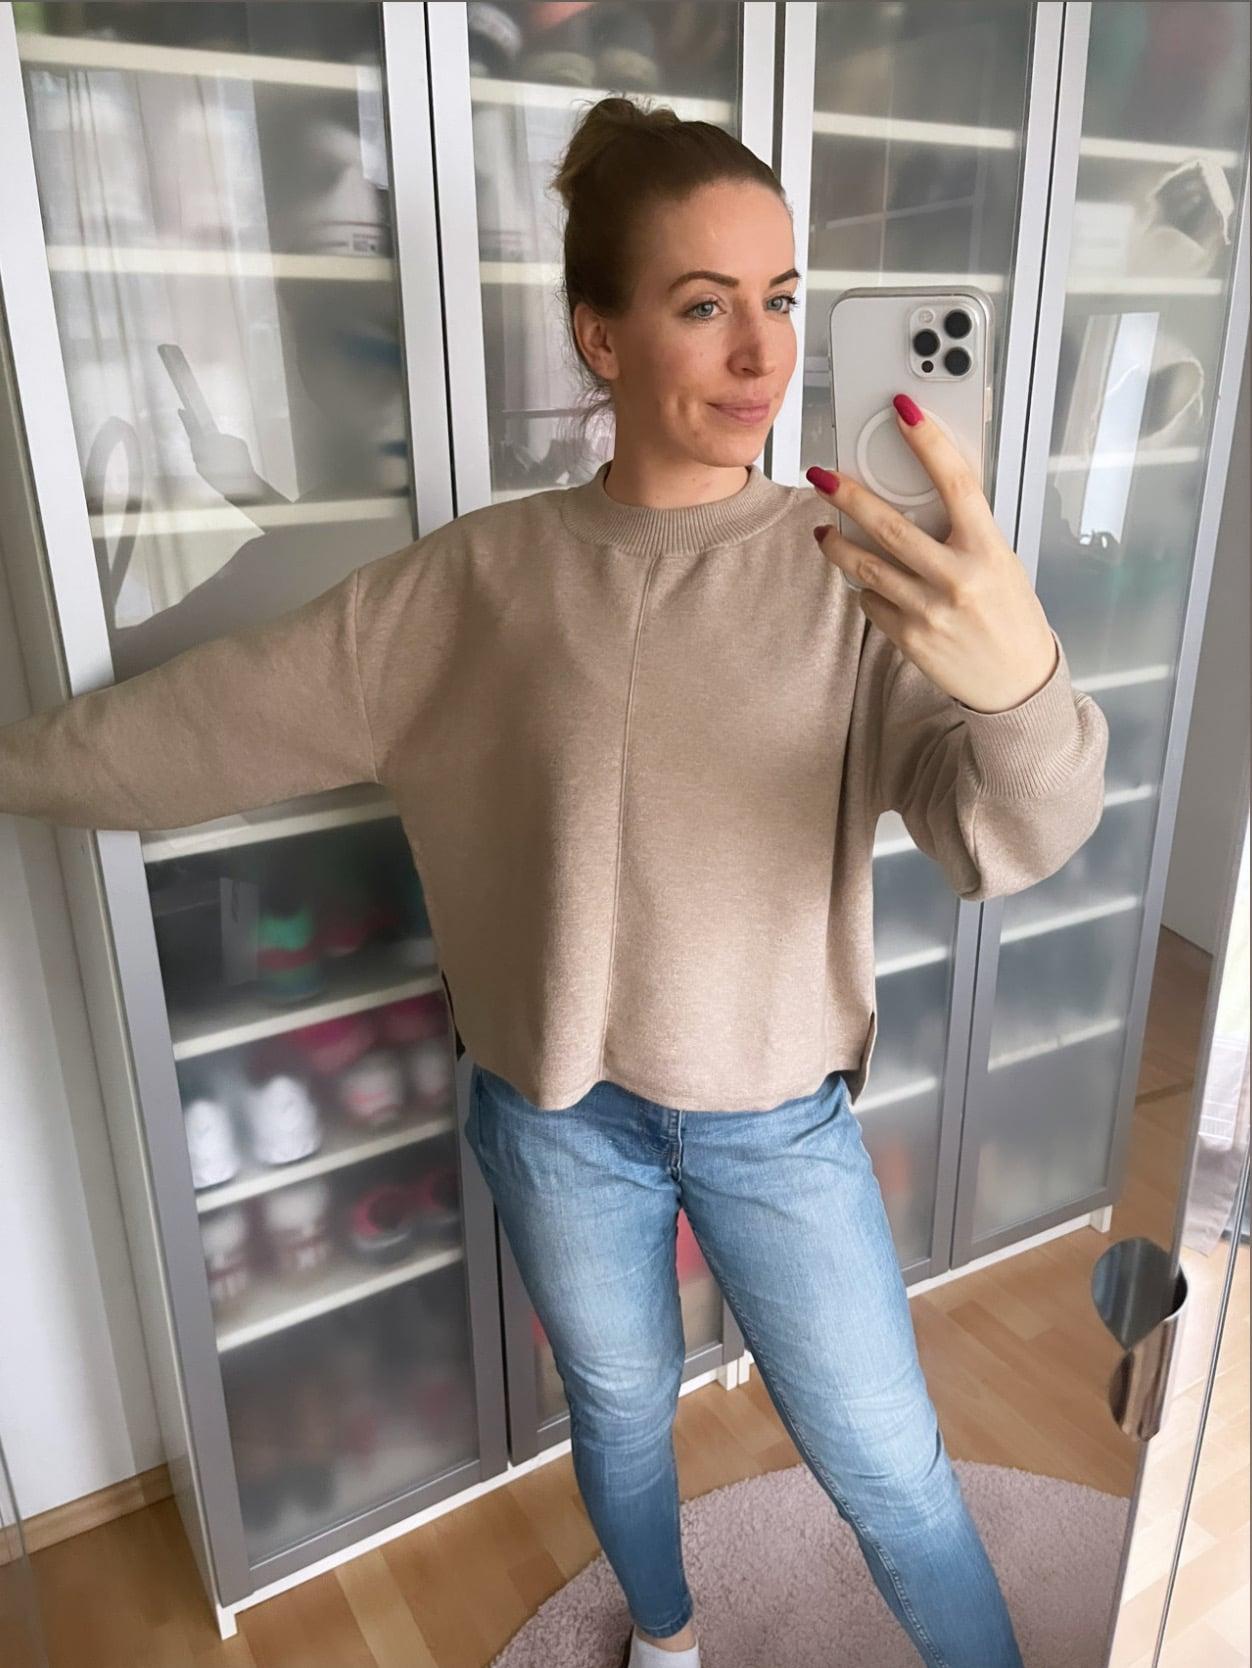 The Nola Sweater von Les Lunes in Beige melange